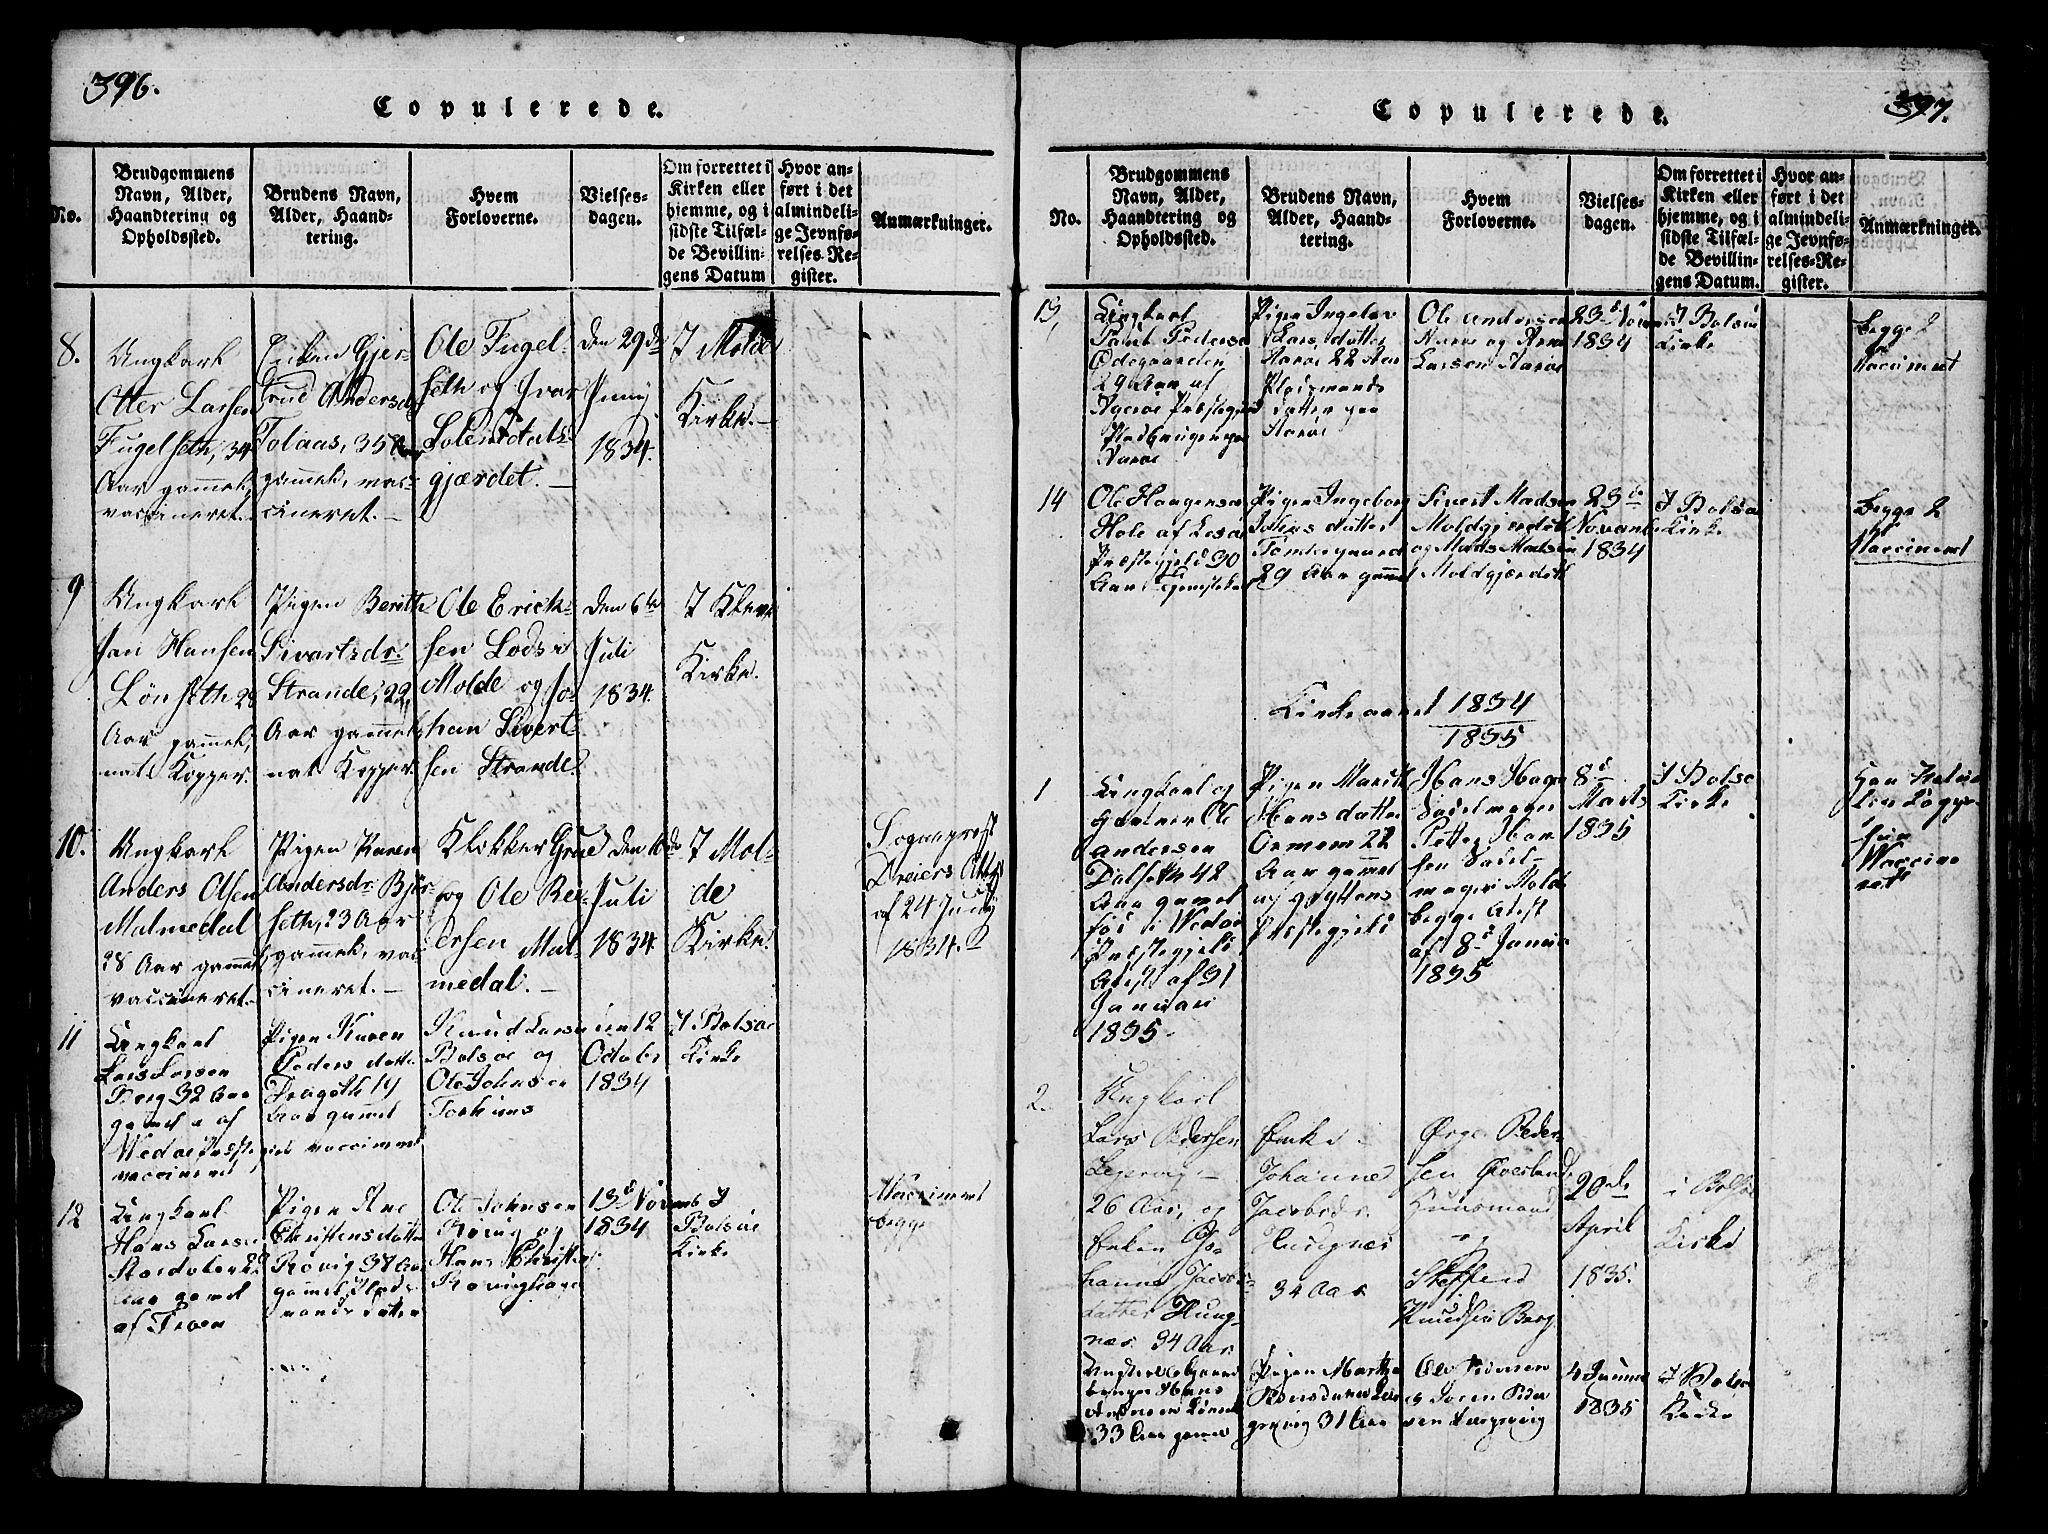 SAT, Ministerialprotokoller, klokkerbøker og fødselsregistre - Møre og Romsdal, 555/L0652: Ministerialbok nr. 555A03, 1817-1843, s. 396-397